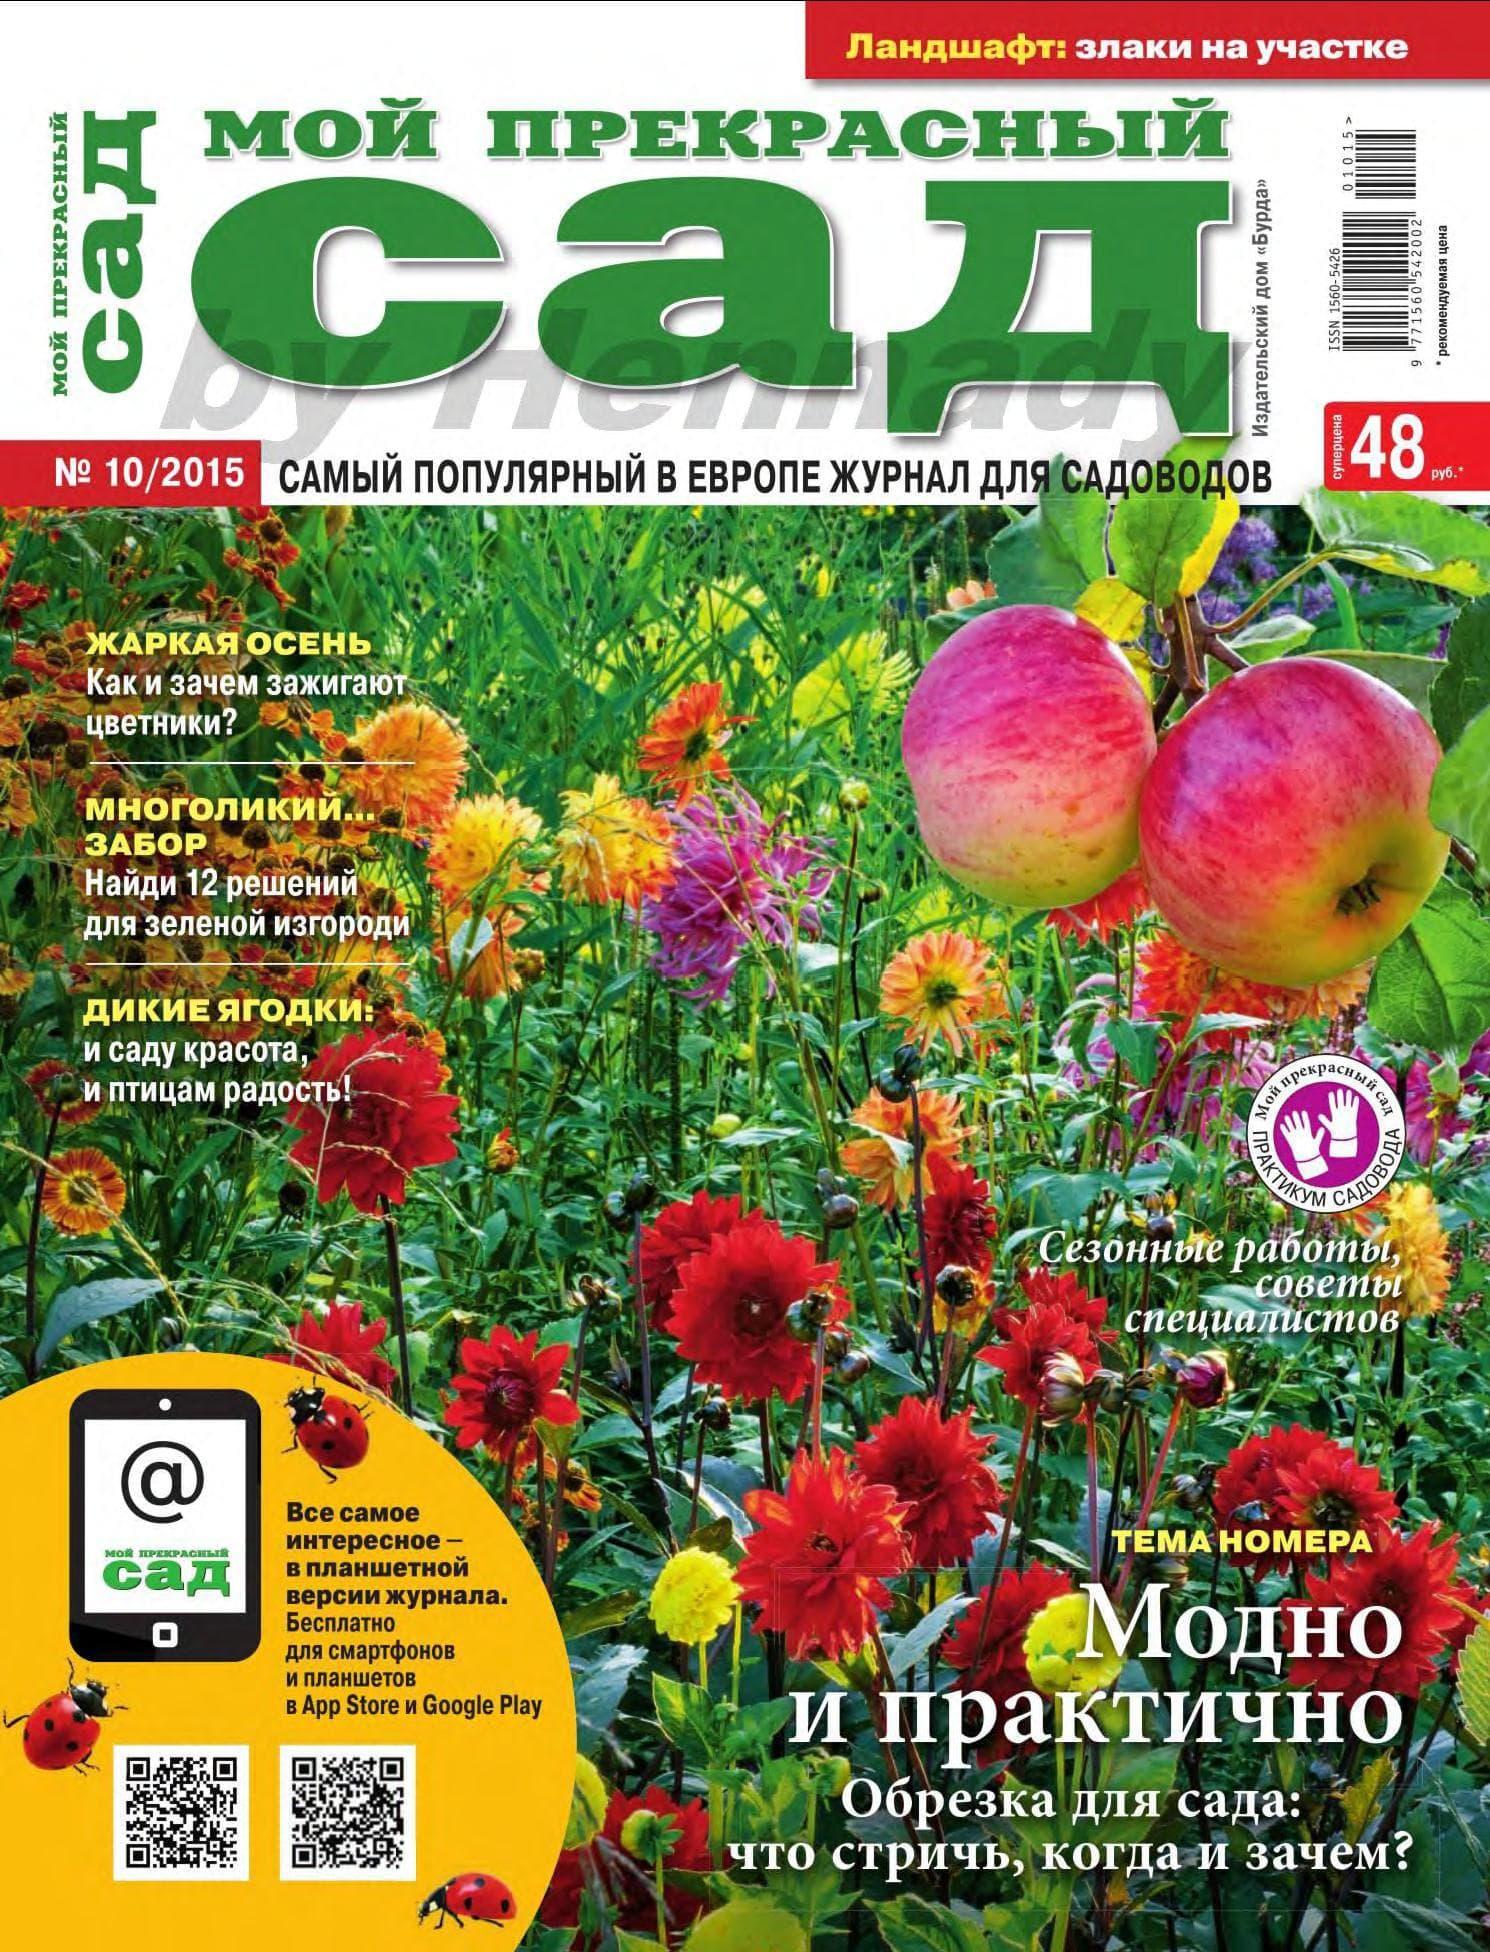 38730 Мой прекрасный сад